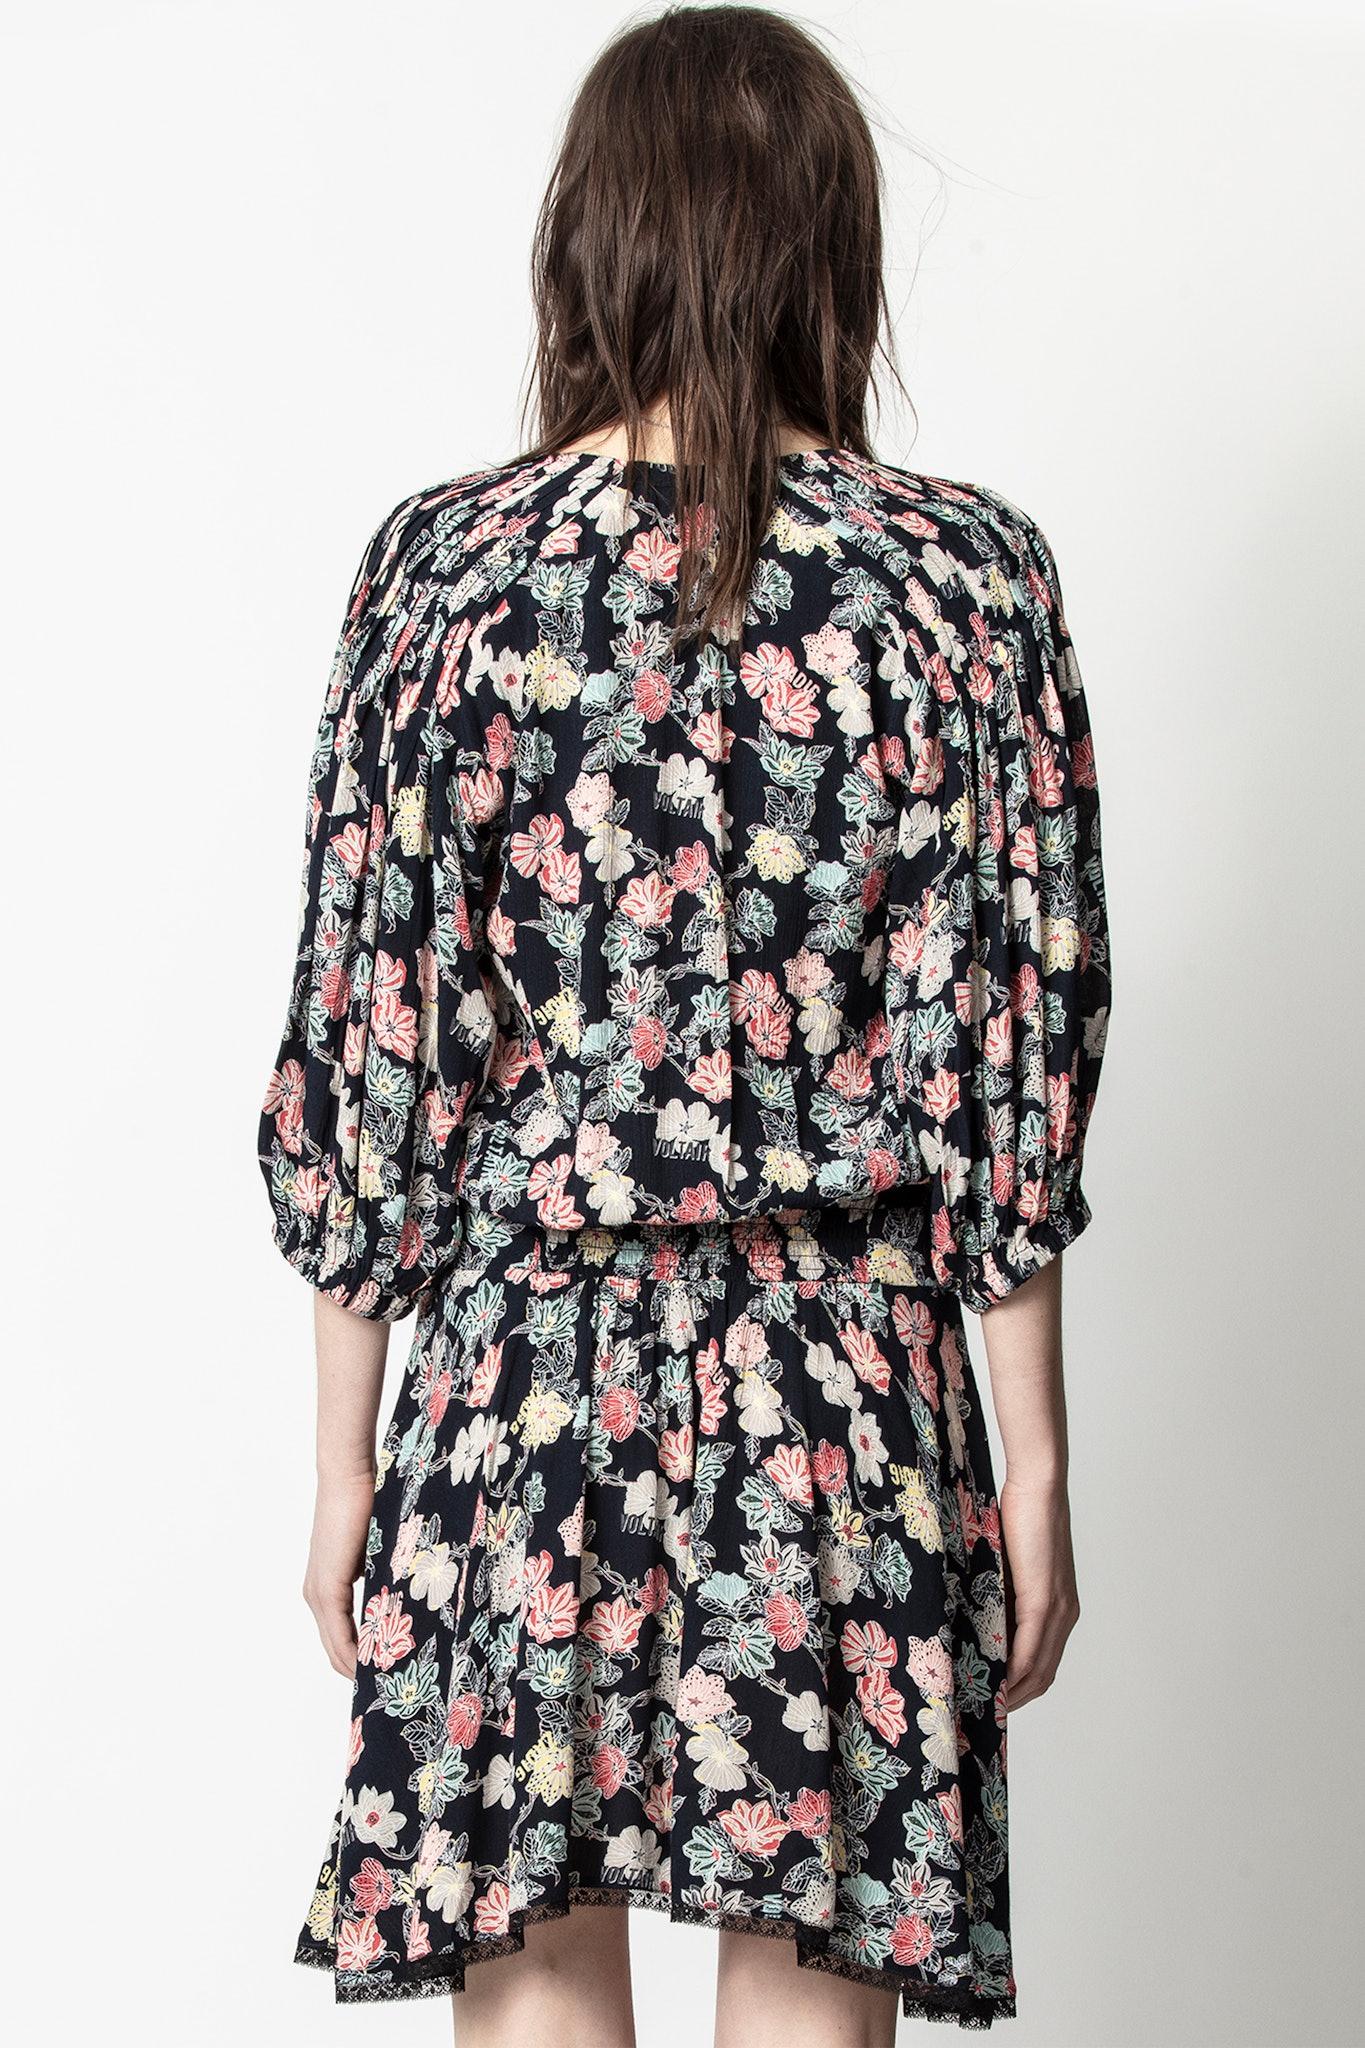 Raspali Print Flowers Dress